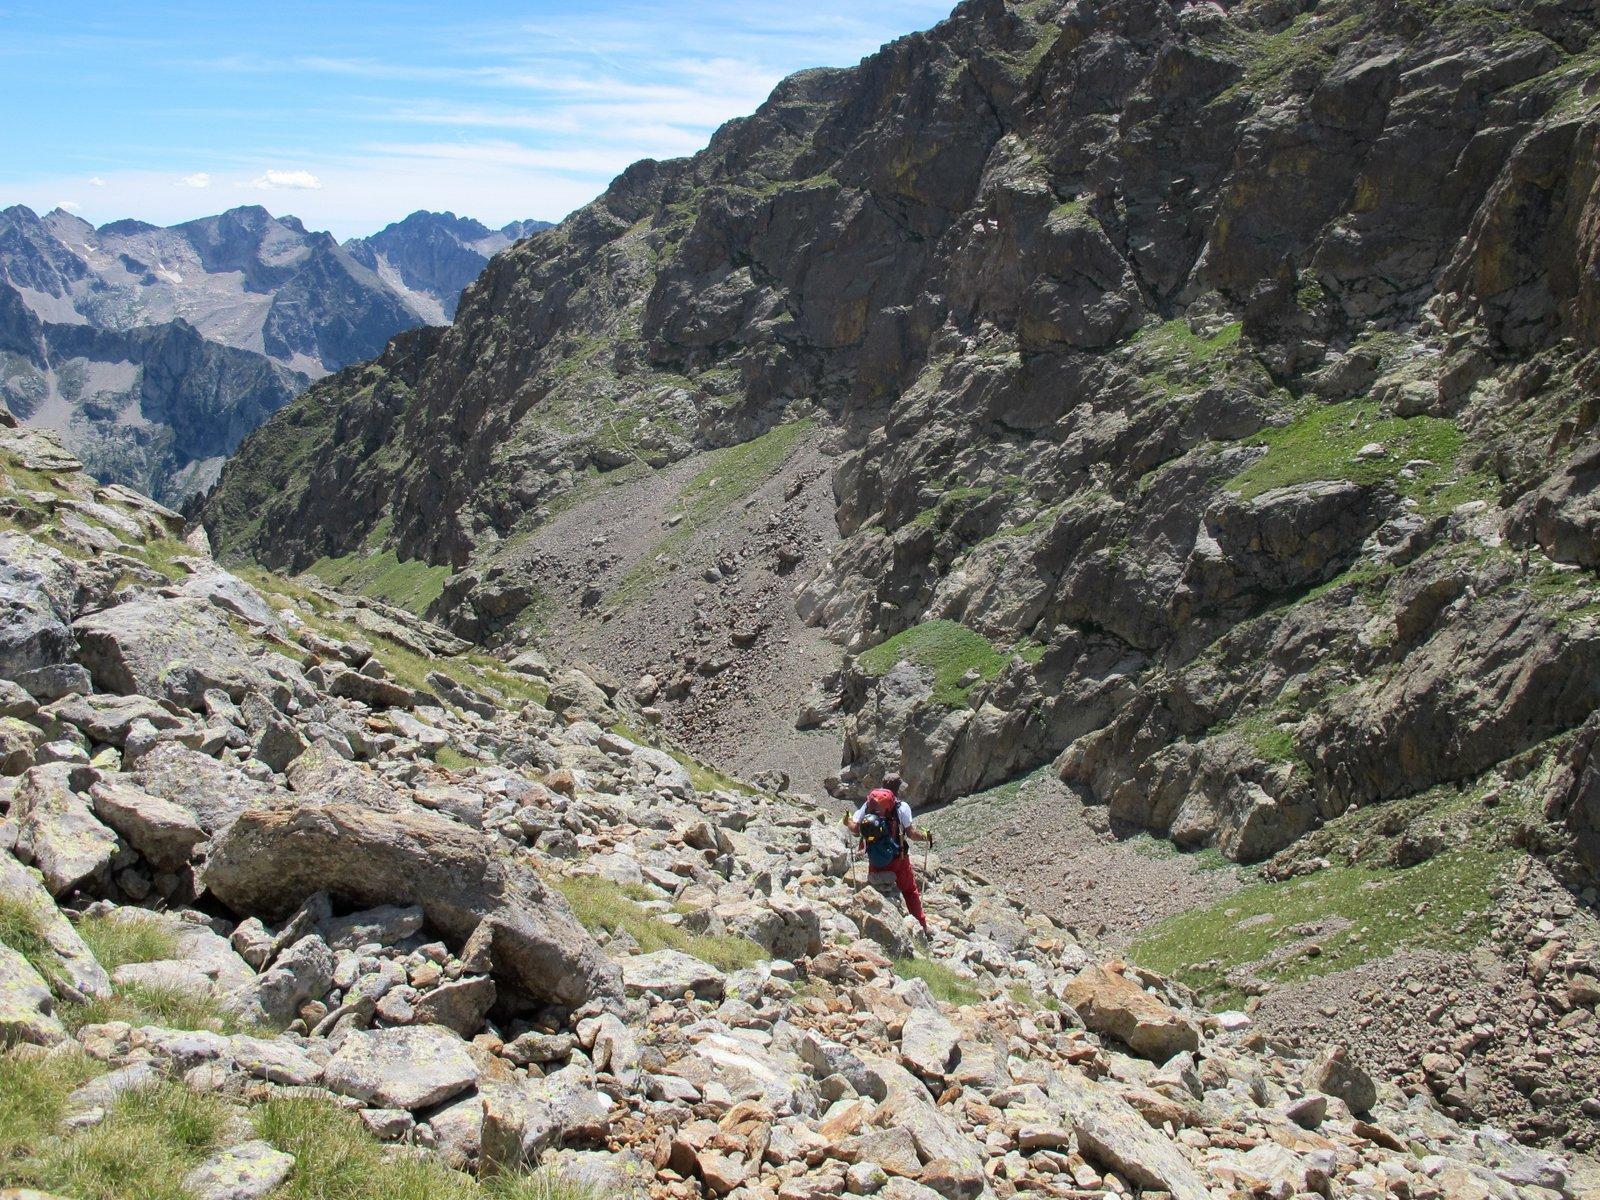 Al ritorno, discesa sul Passo Cabrera, sul versante opposto è visibile il sentiero che risale alla mulattiera N17